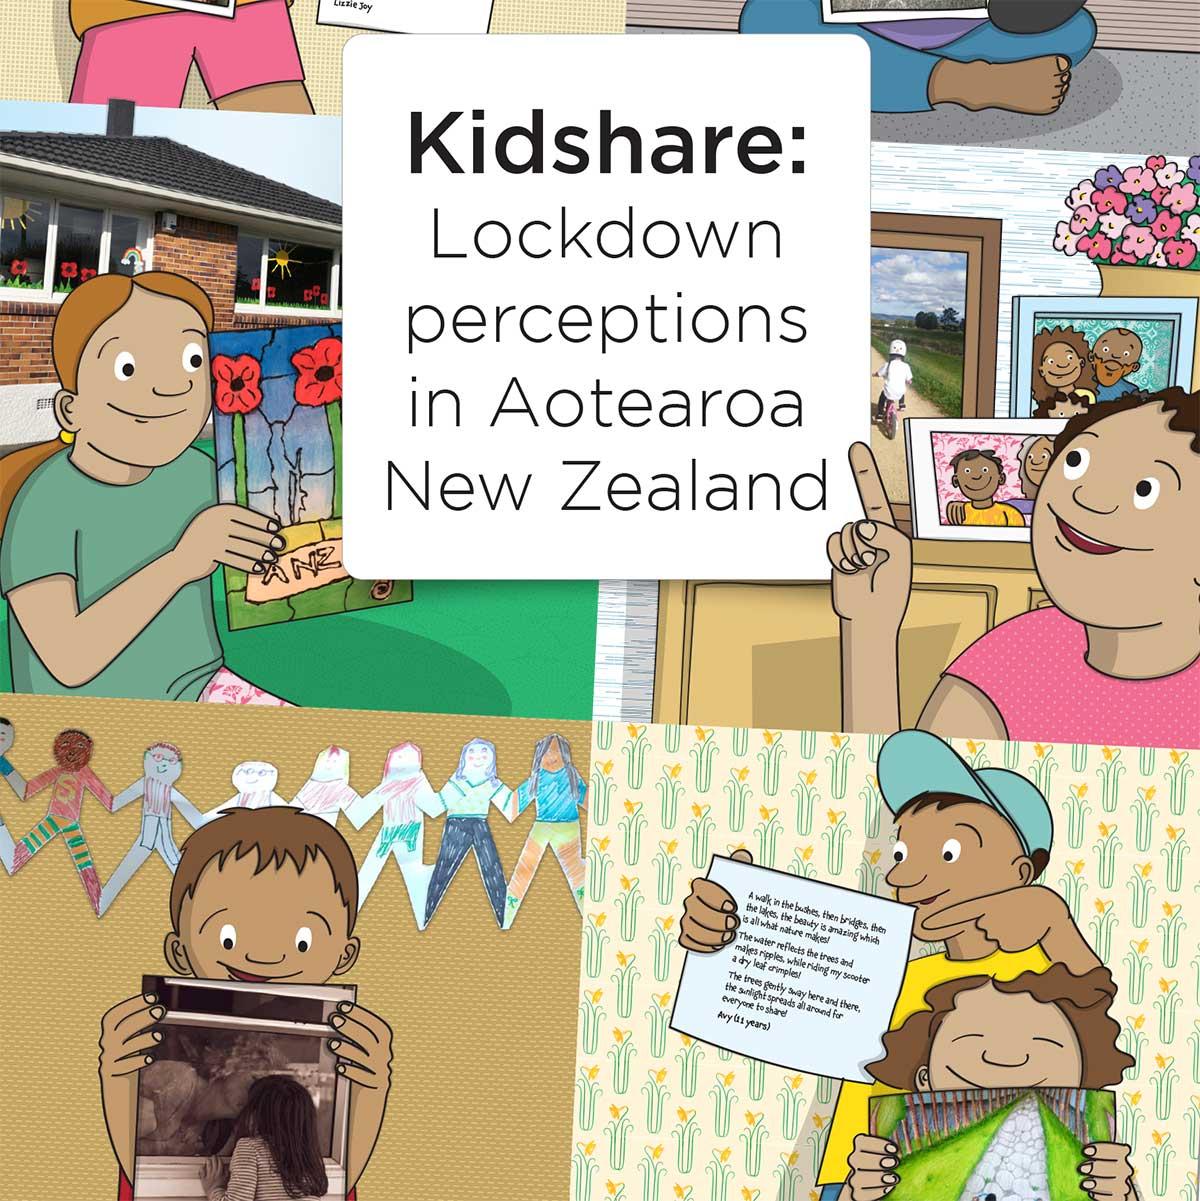 Kidshare: Lockdown perceptions in Aotearoa New Zealand